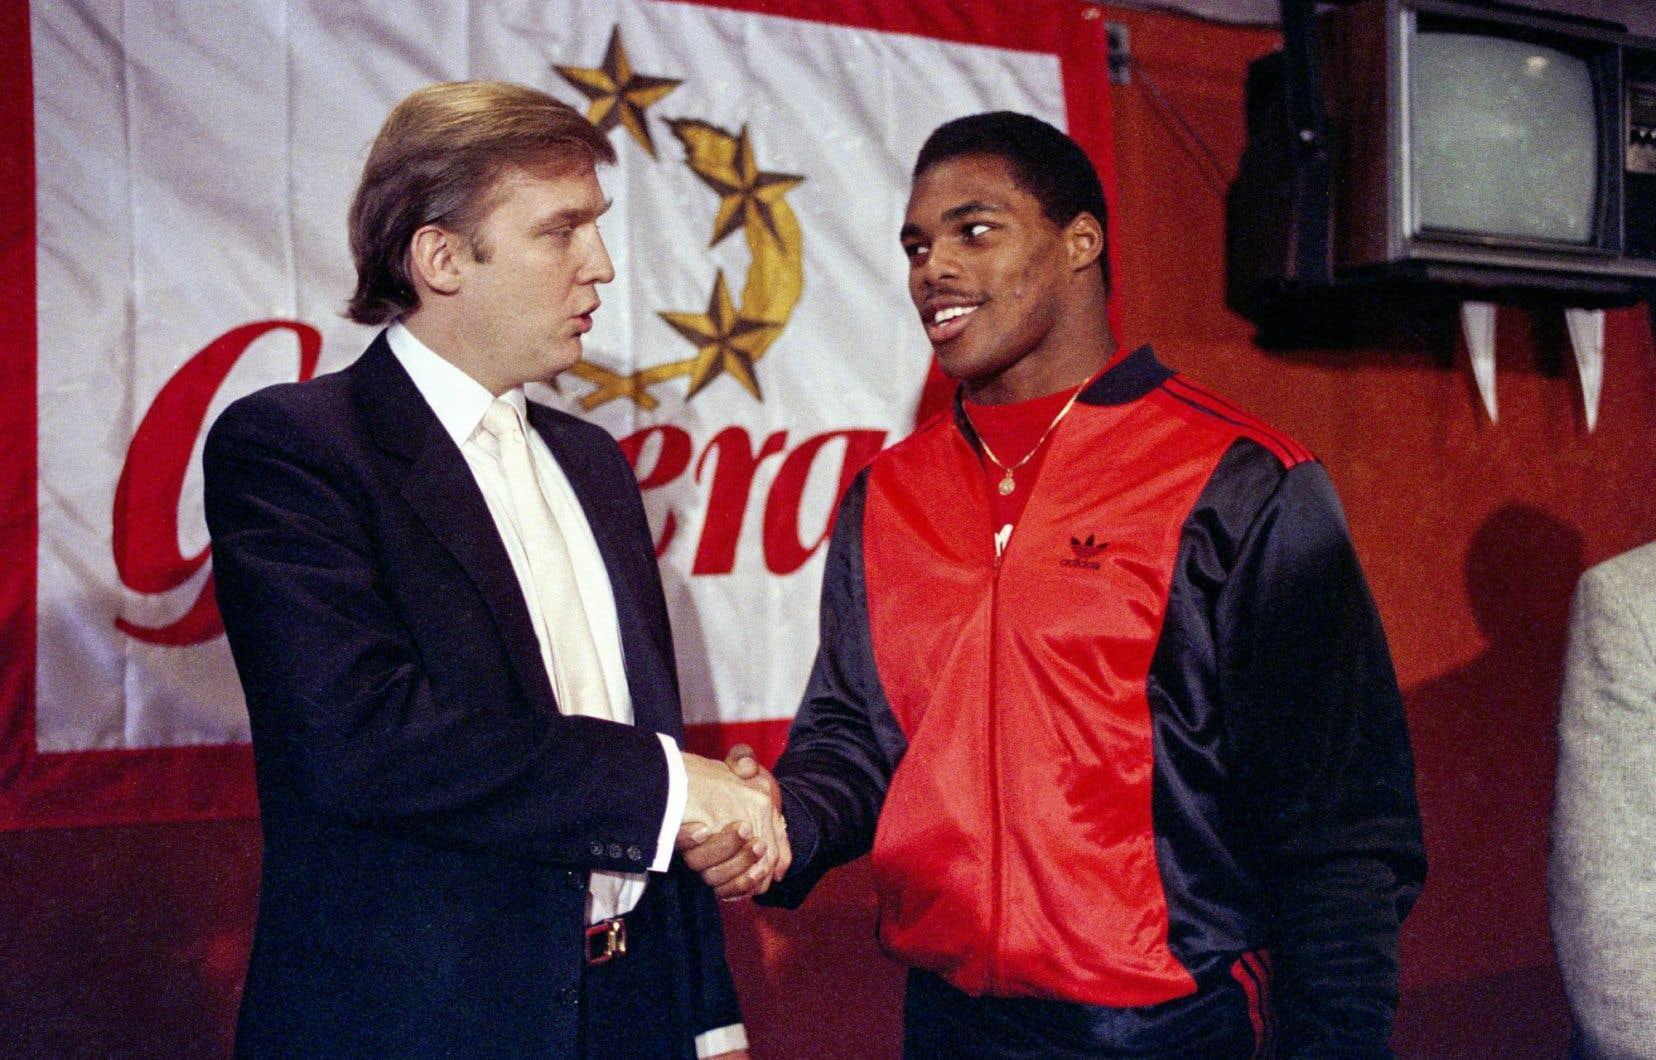 Trump en compagnie du porteur de ballon étoile de la United States Football League, Herschel Walker, en 1984. L'homme d'affaires avait amorcé la démarche pour faire l'acquisition d'une équipe.